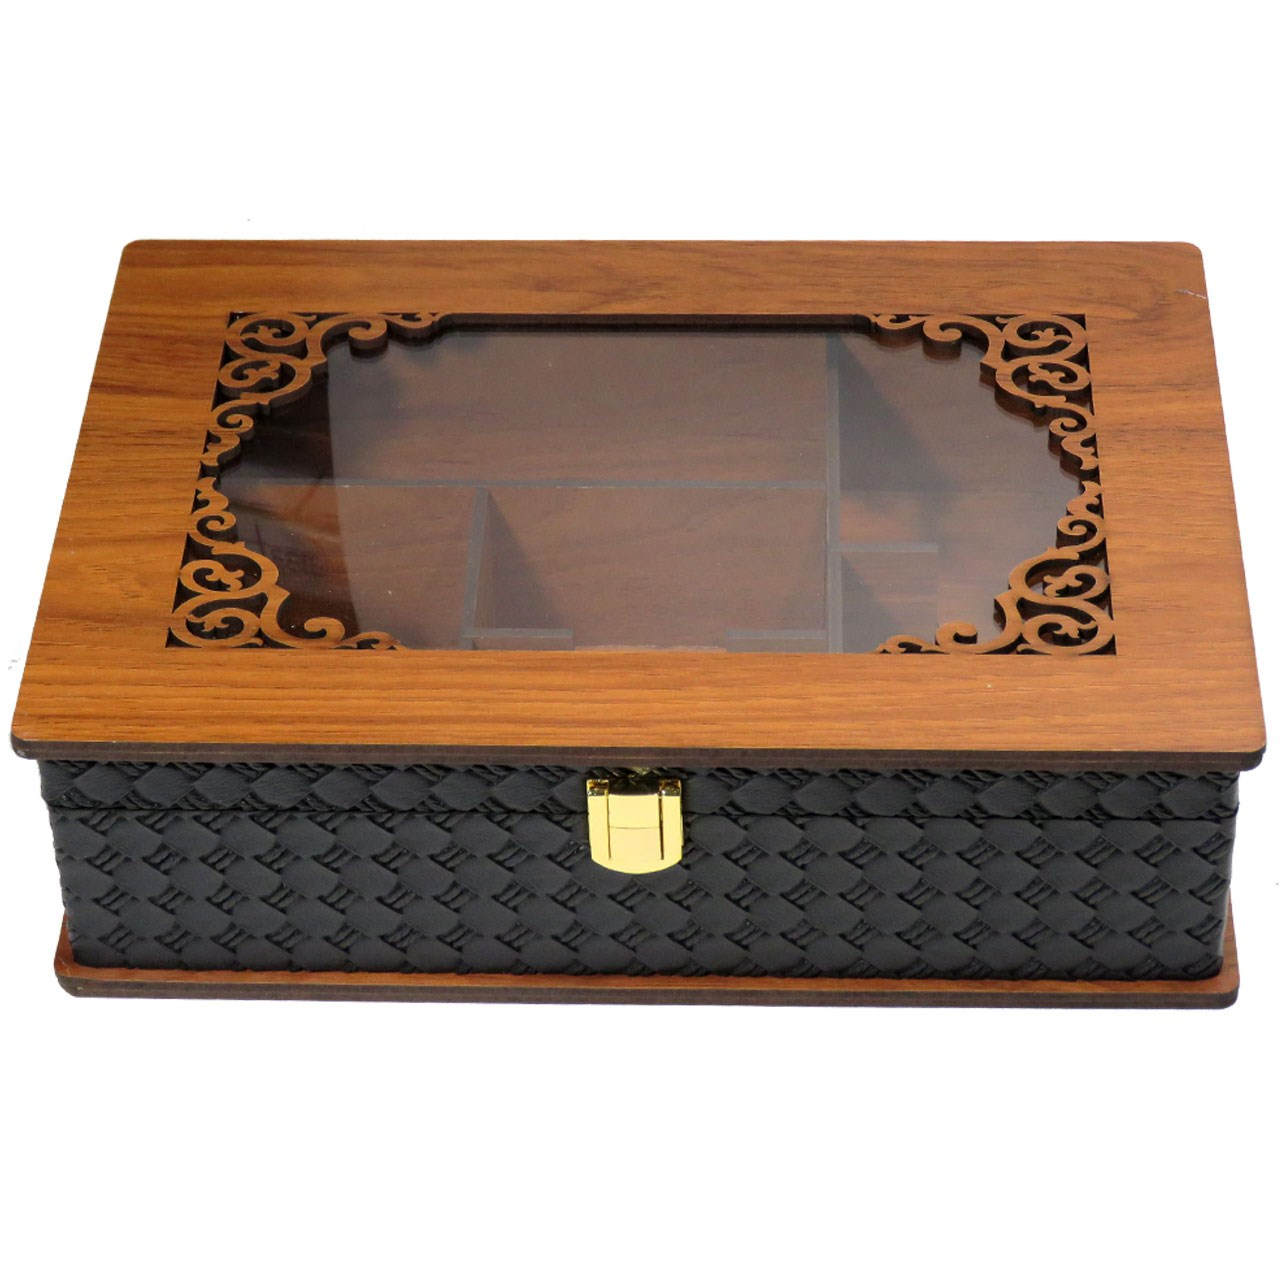 جعبه چایی کیسه ای لوکس باکس کد LBL67